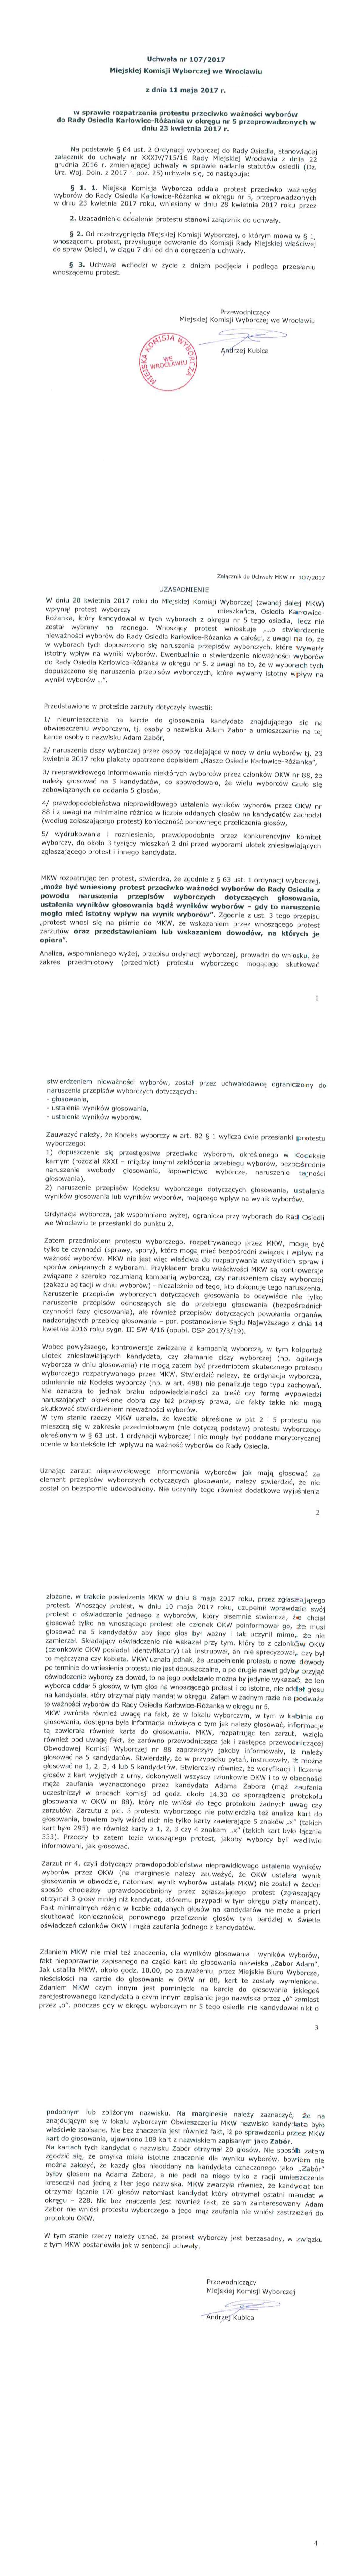 Odwołanie Komisja Wyborcza Powołanie RO Karłowice Różanka